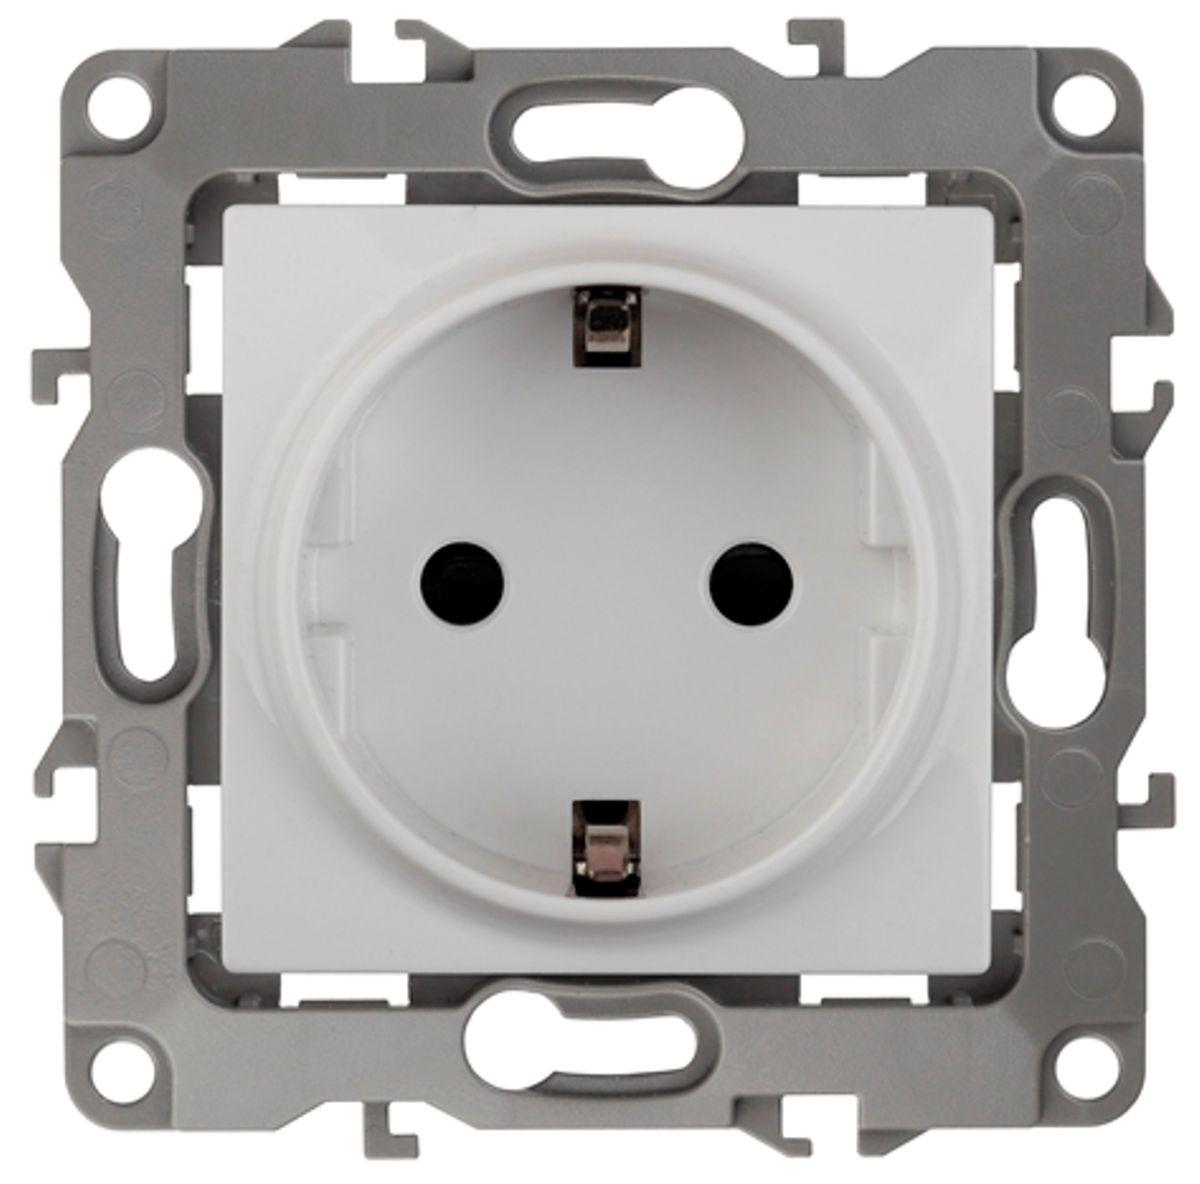 Розетка одинарная Эра, цвет: белый. 12-2101-01 с в собурь установки пожаротушения автоматические